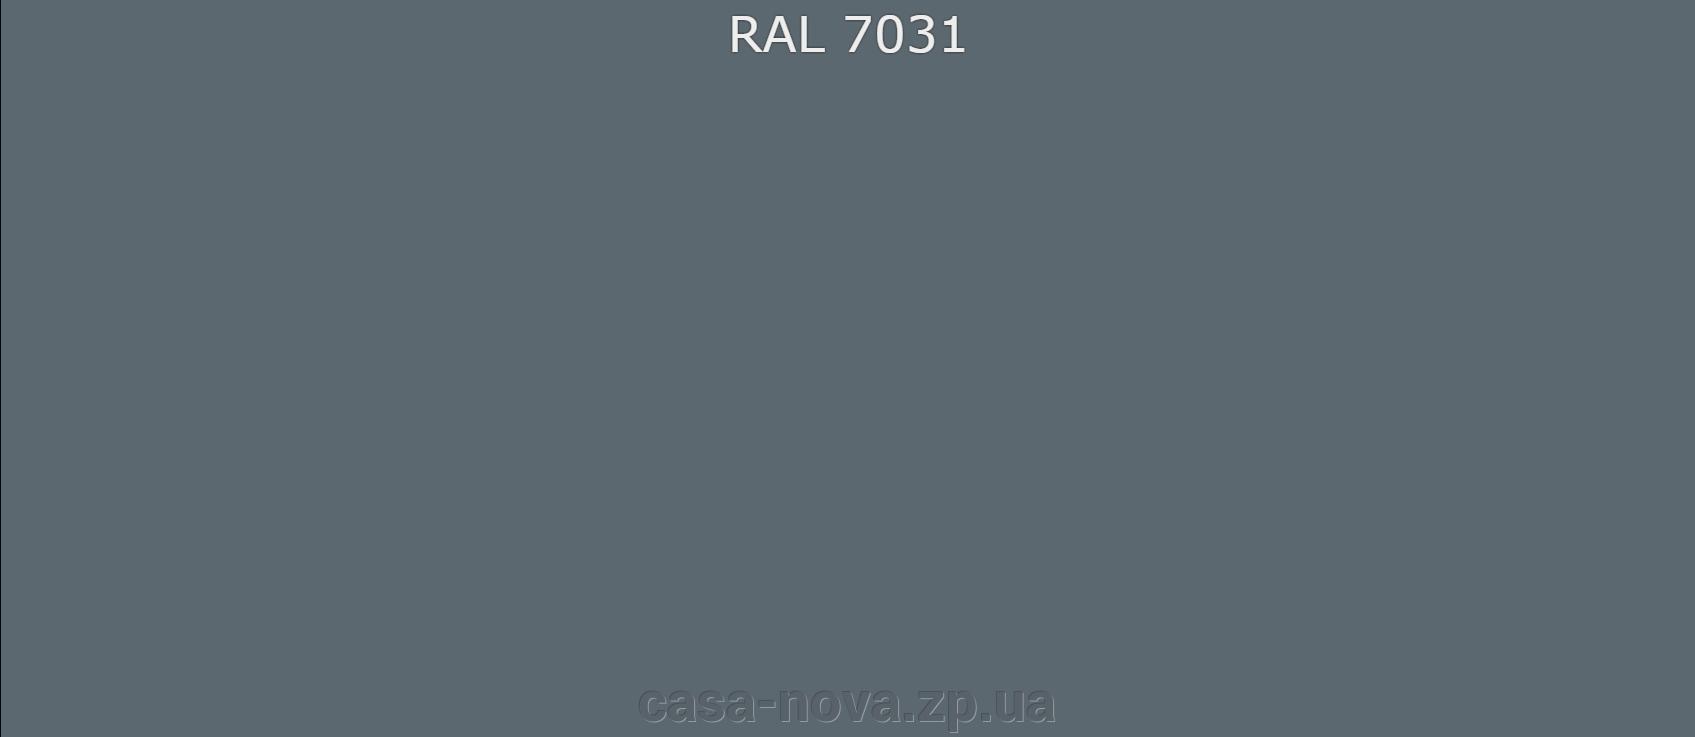 RAL 7031 выкраска